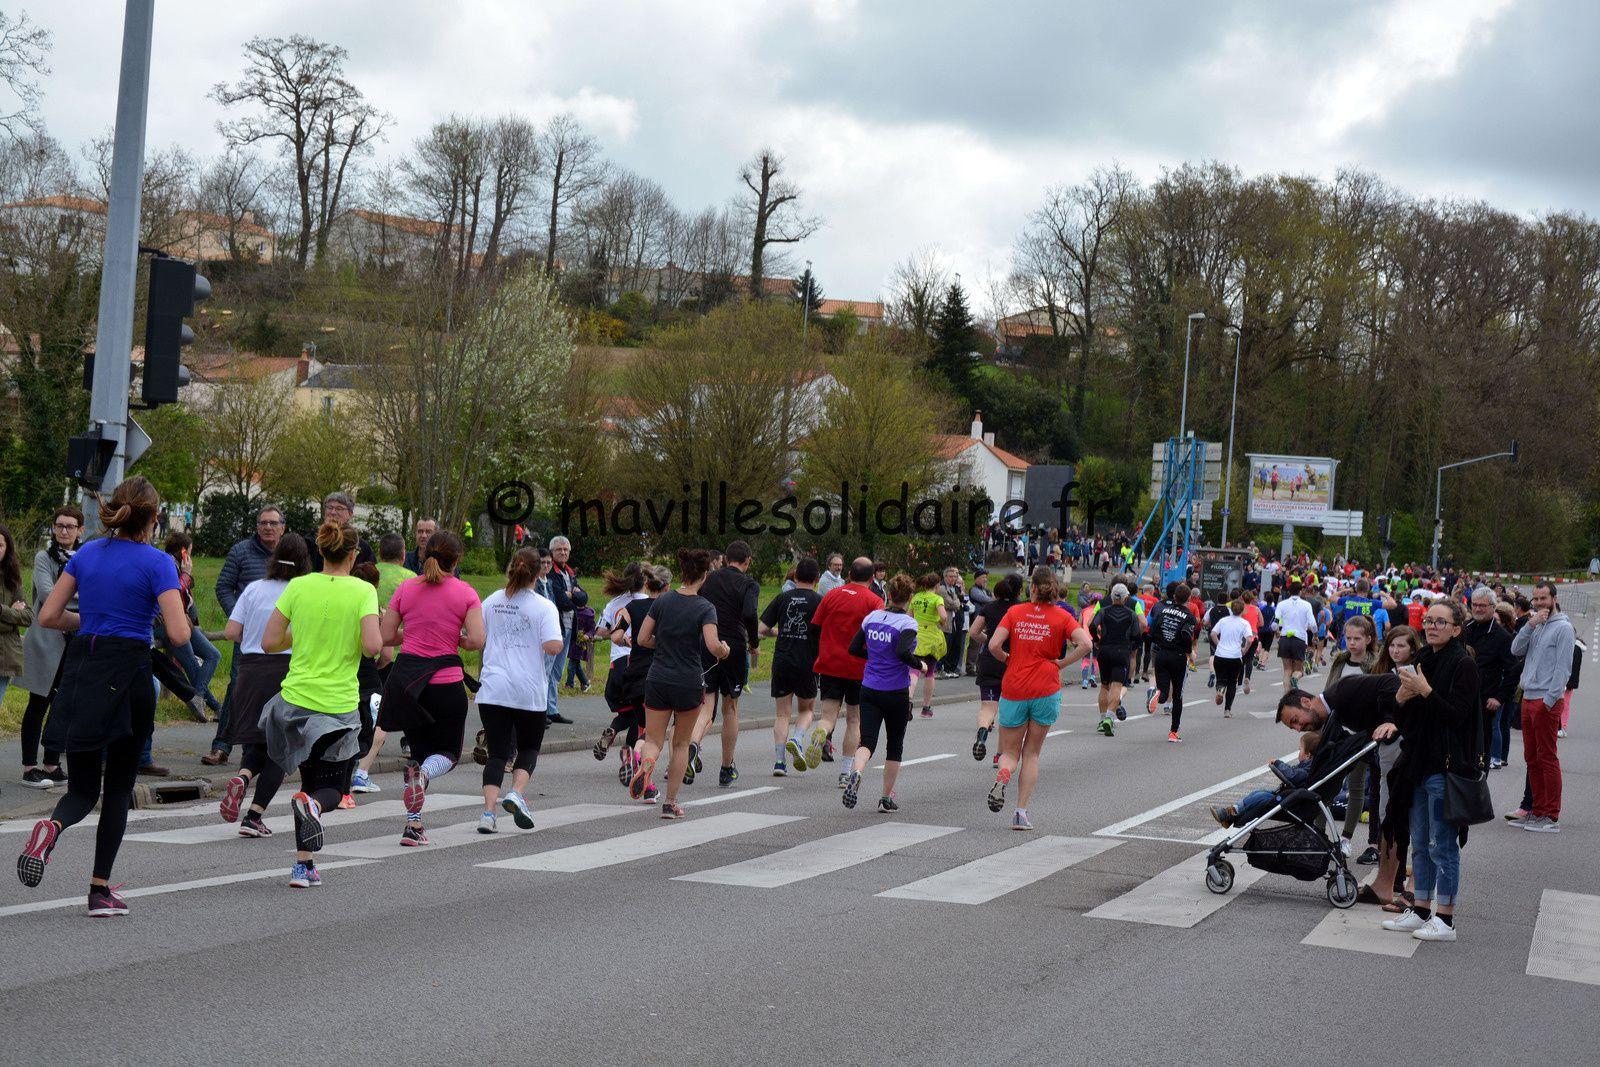 La Roche-sur-Yon. 168 [Images] de la Bicentenaire 2017.